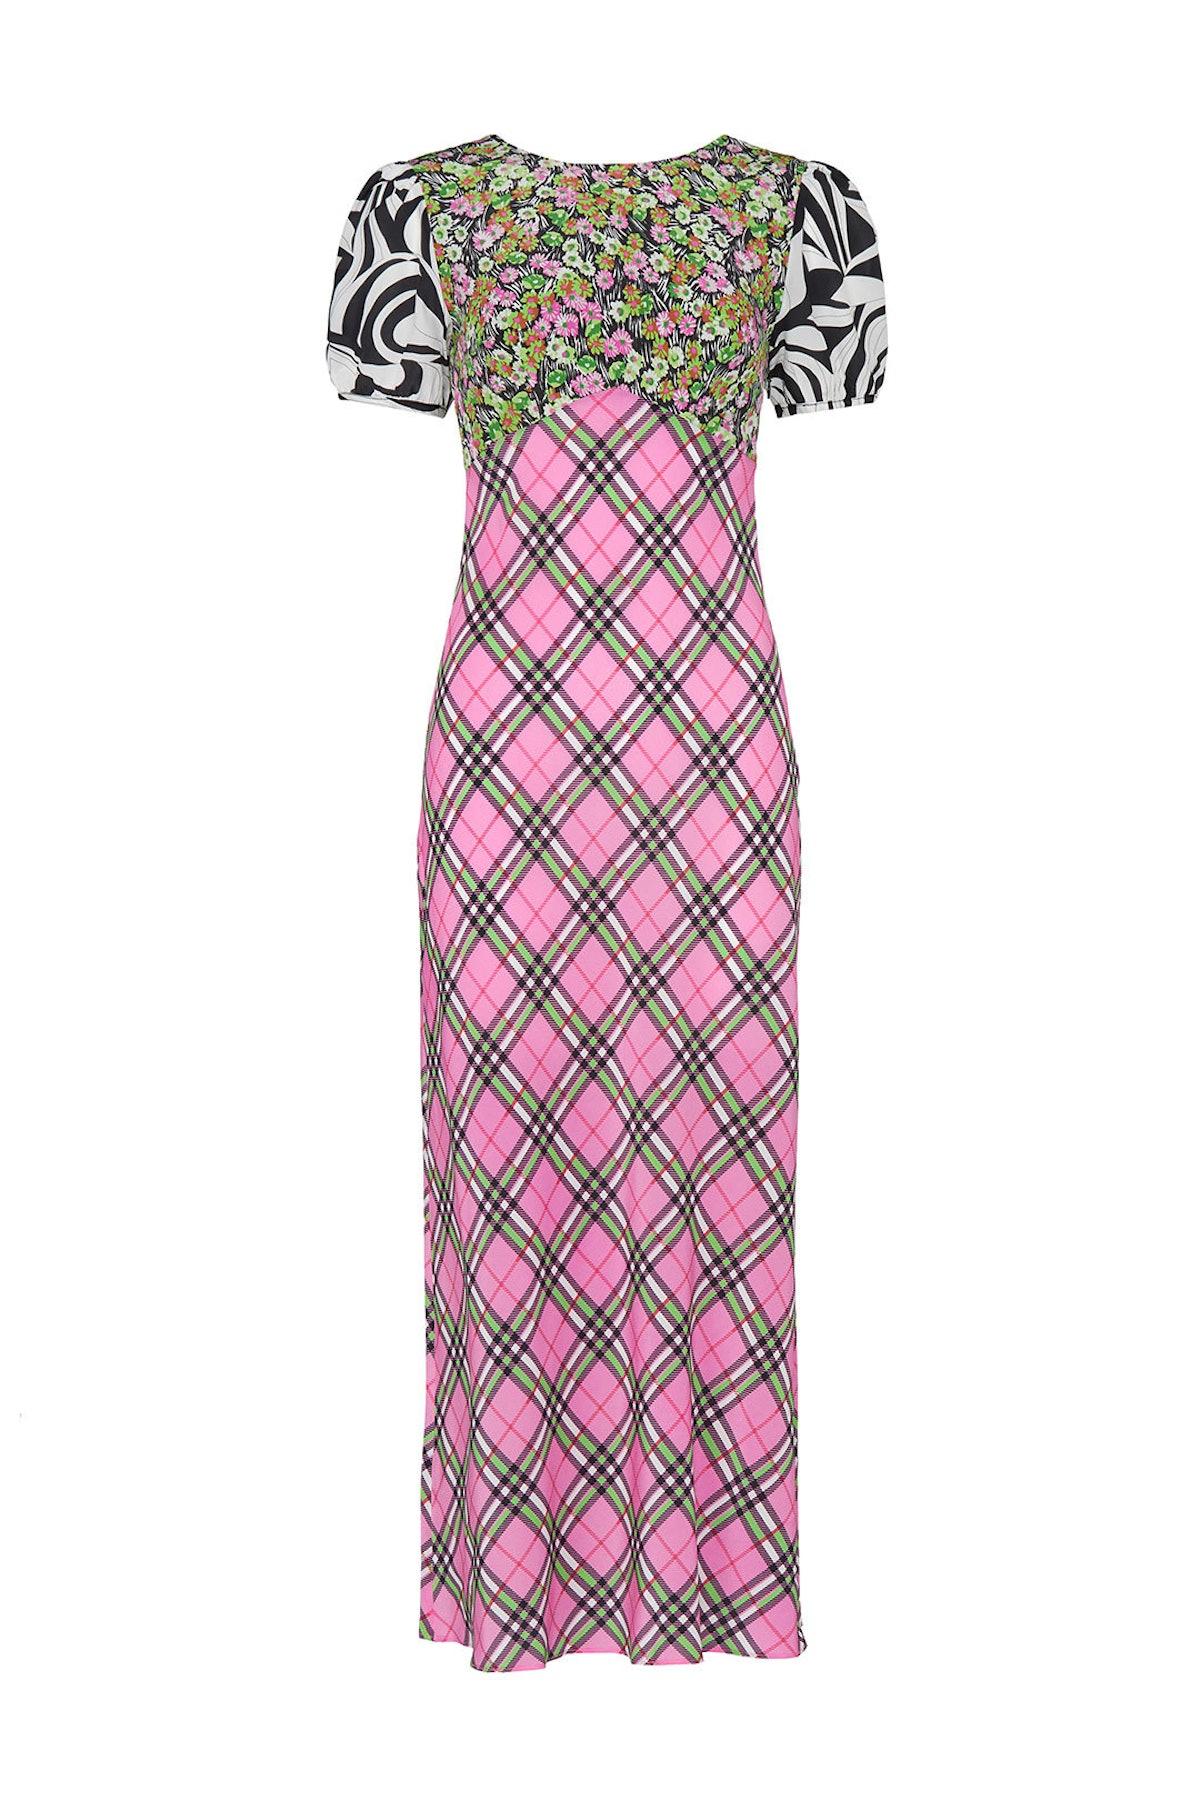 Multi Print Winnie Dress